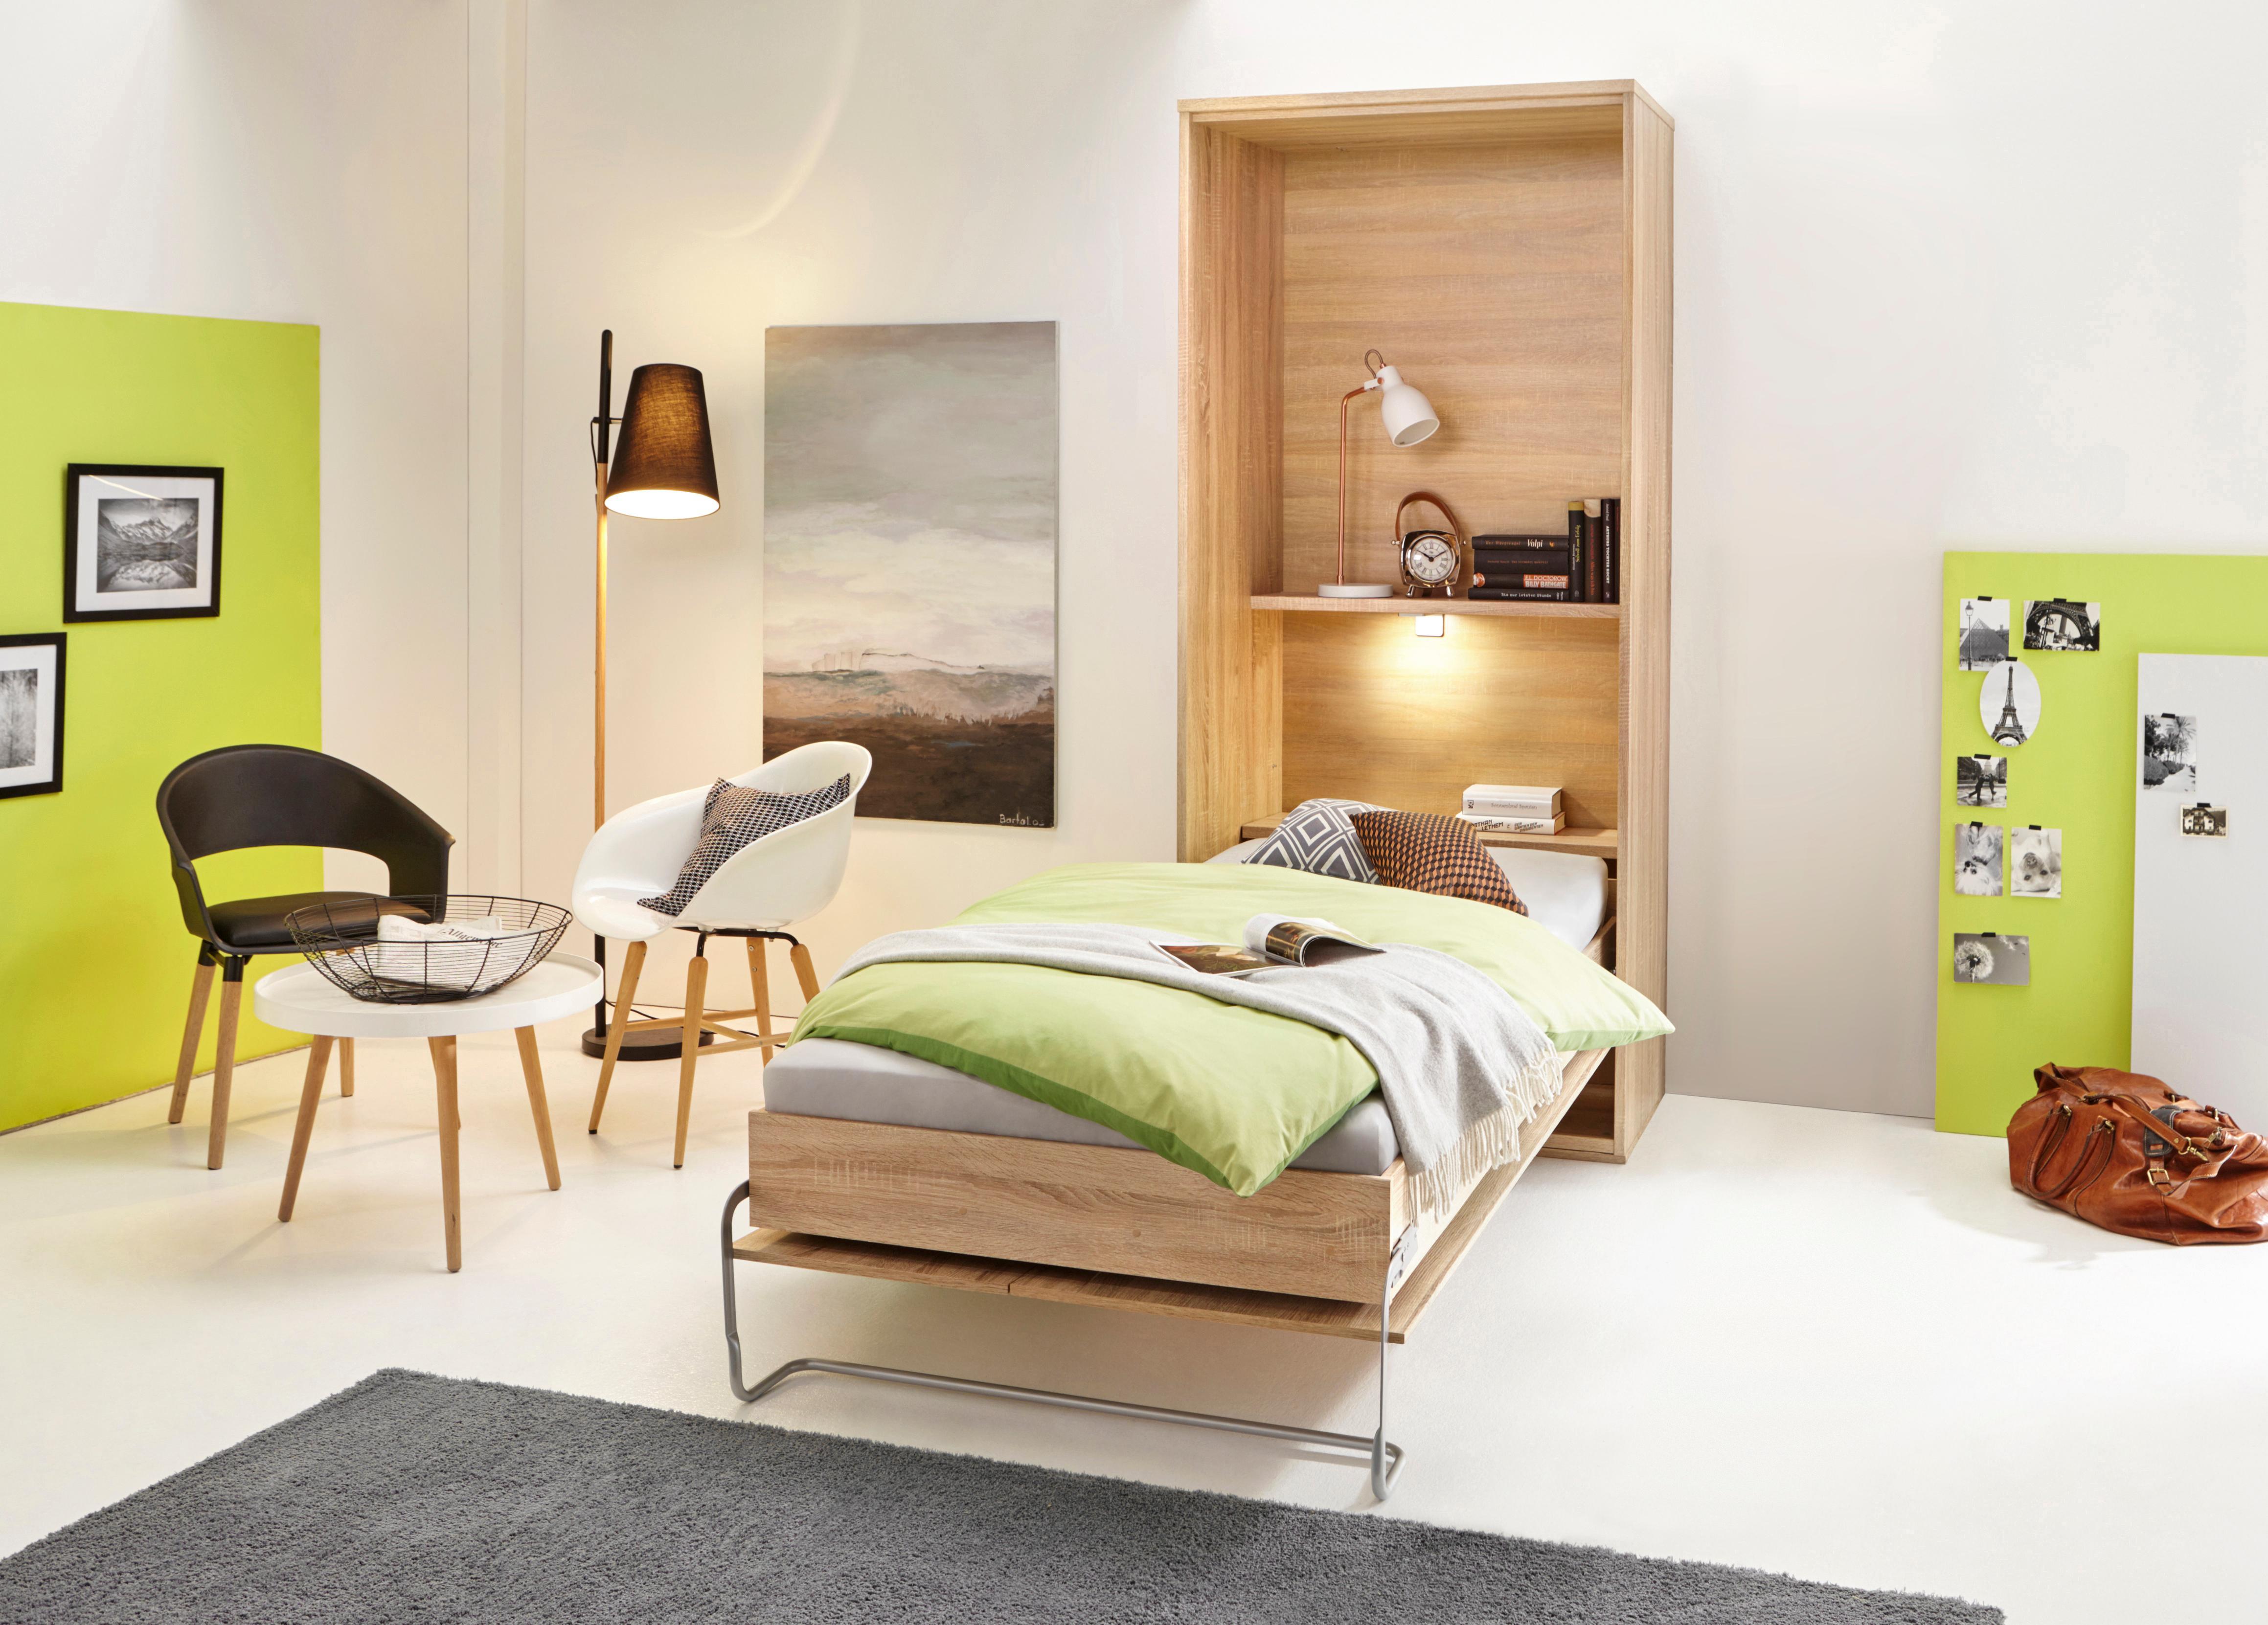 Klappbett mit Regal und LED-Beleuchtung | Schlafzimmer > Betten > Schrankbetten | Natur | Federn | QUELLE